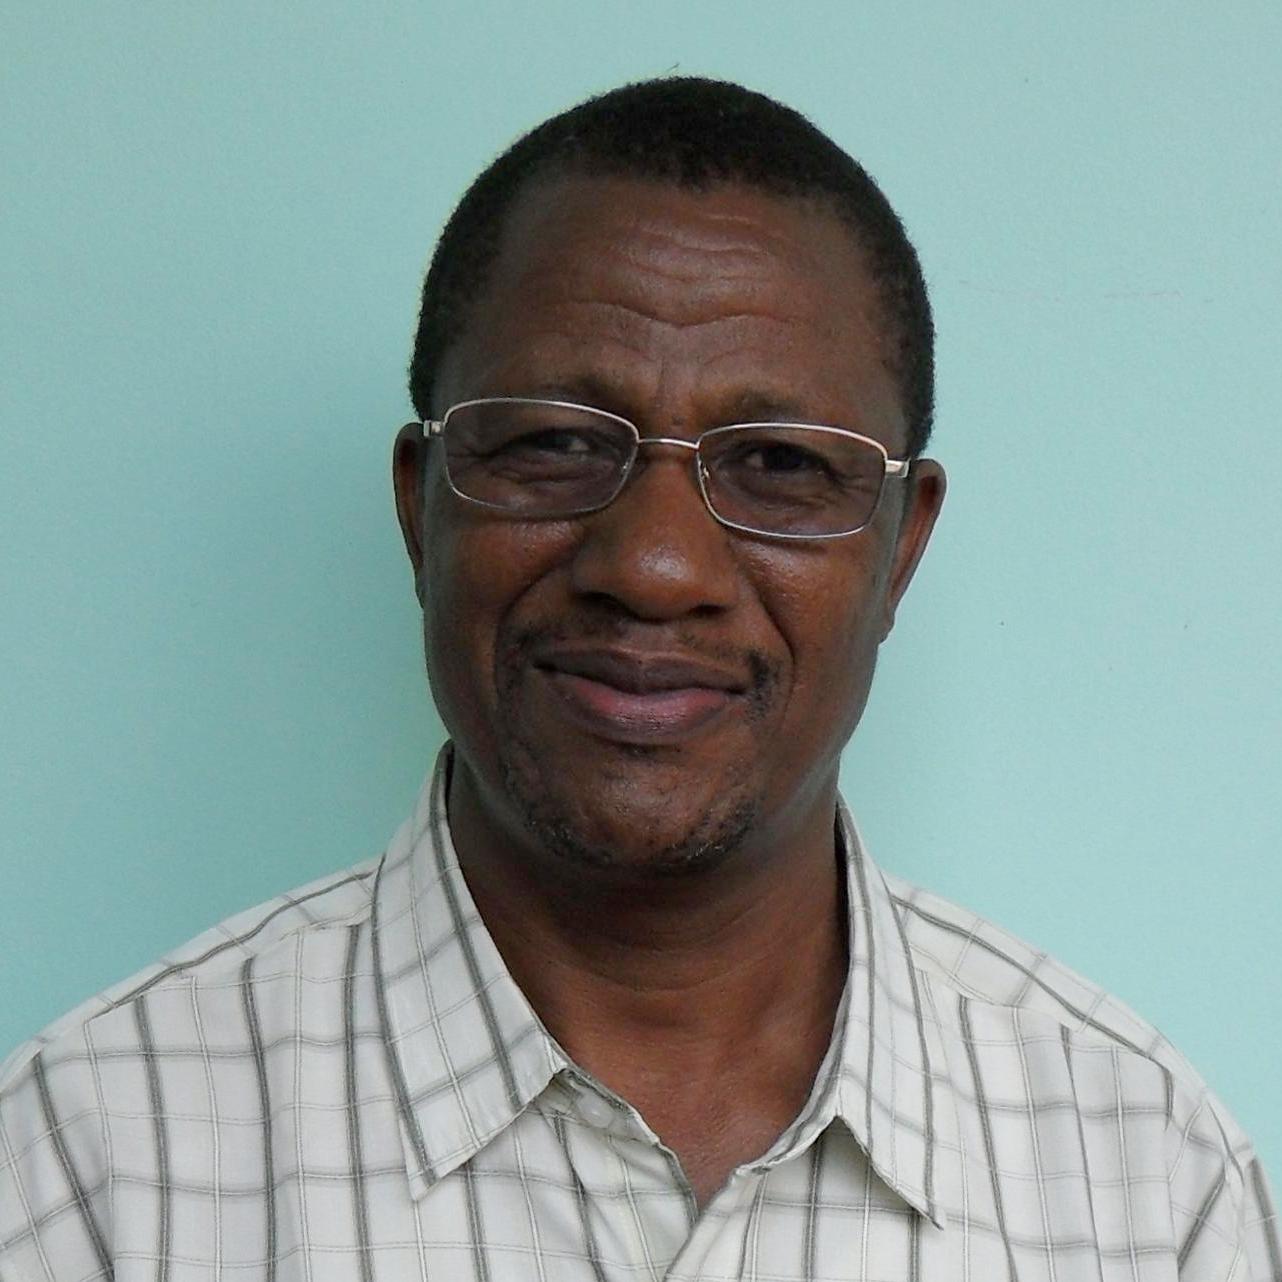 Dr Safari M. Kinung'hi is a Co-Investigator